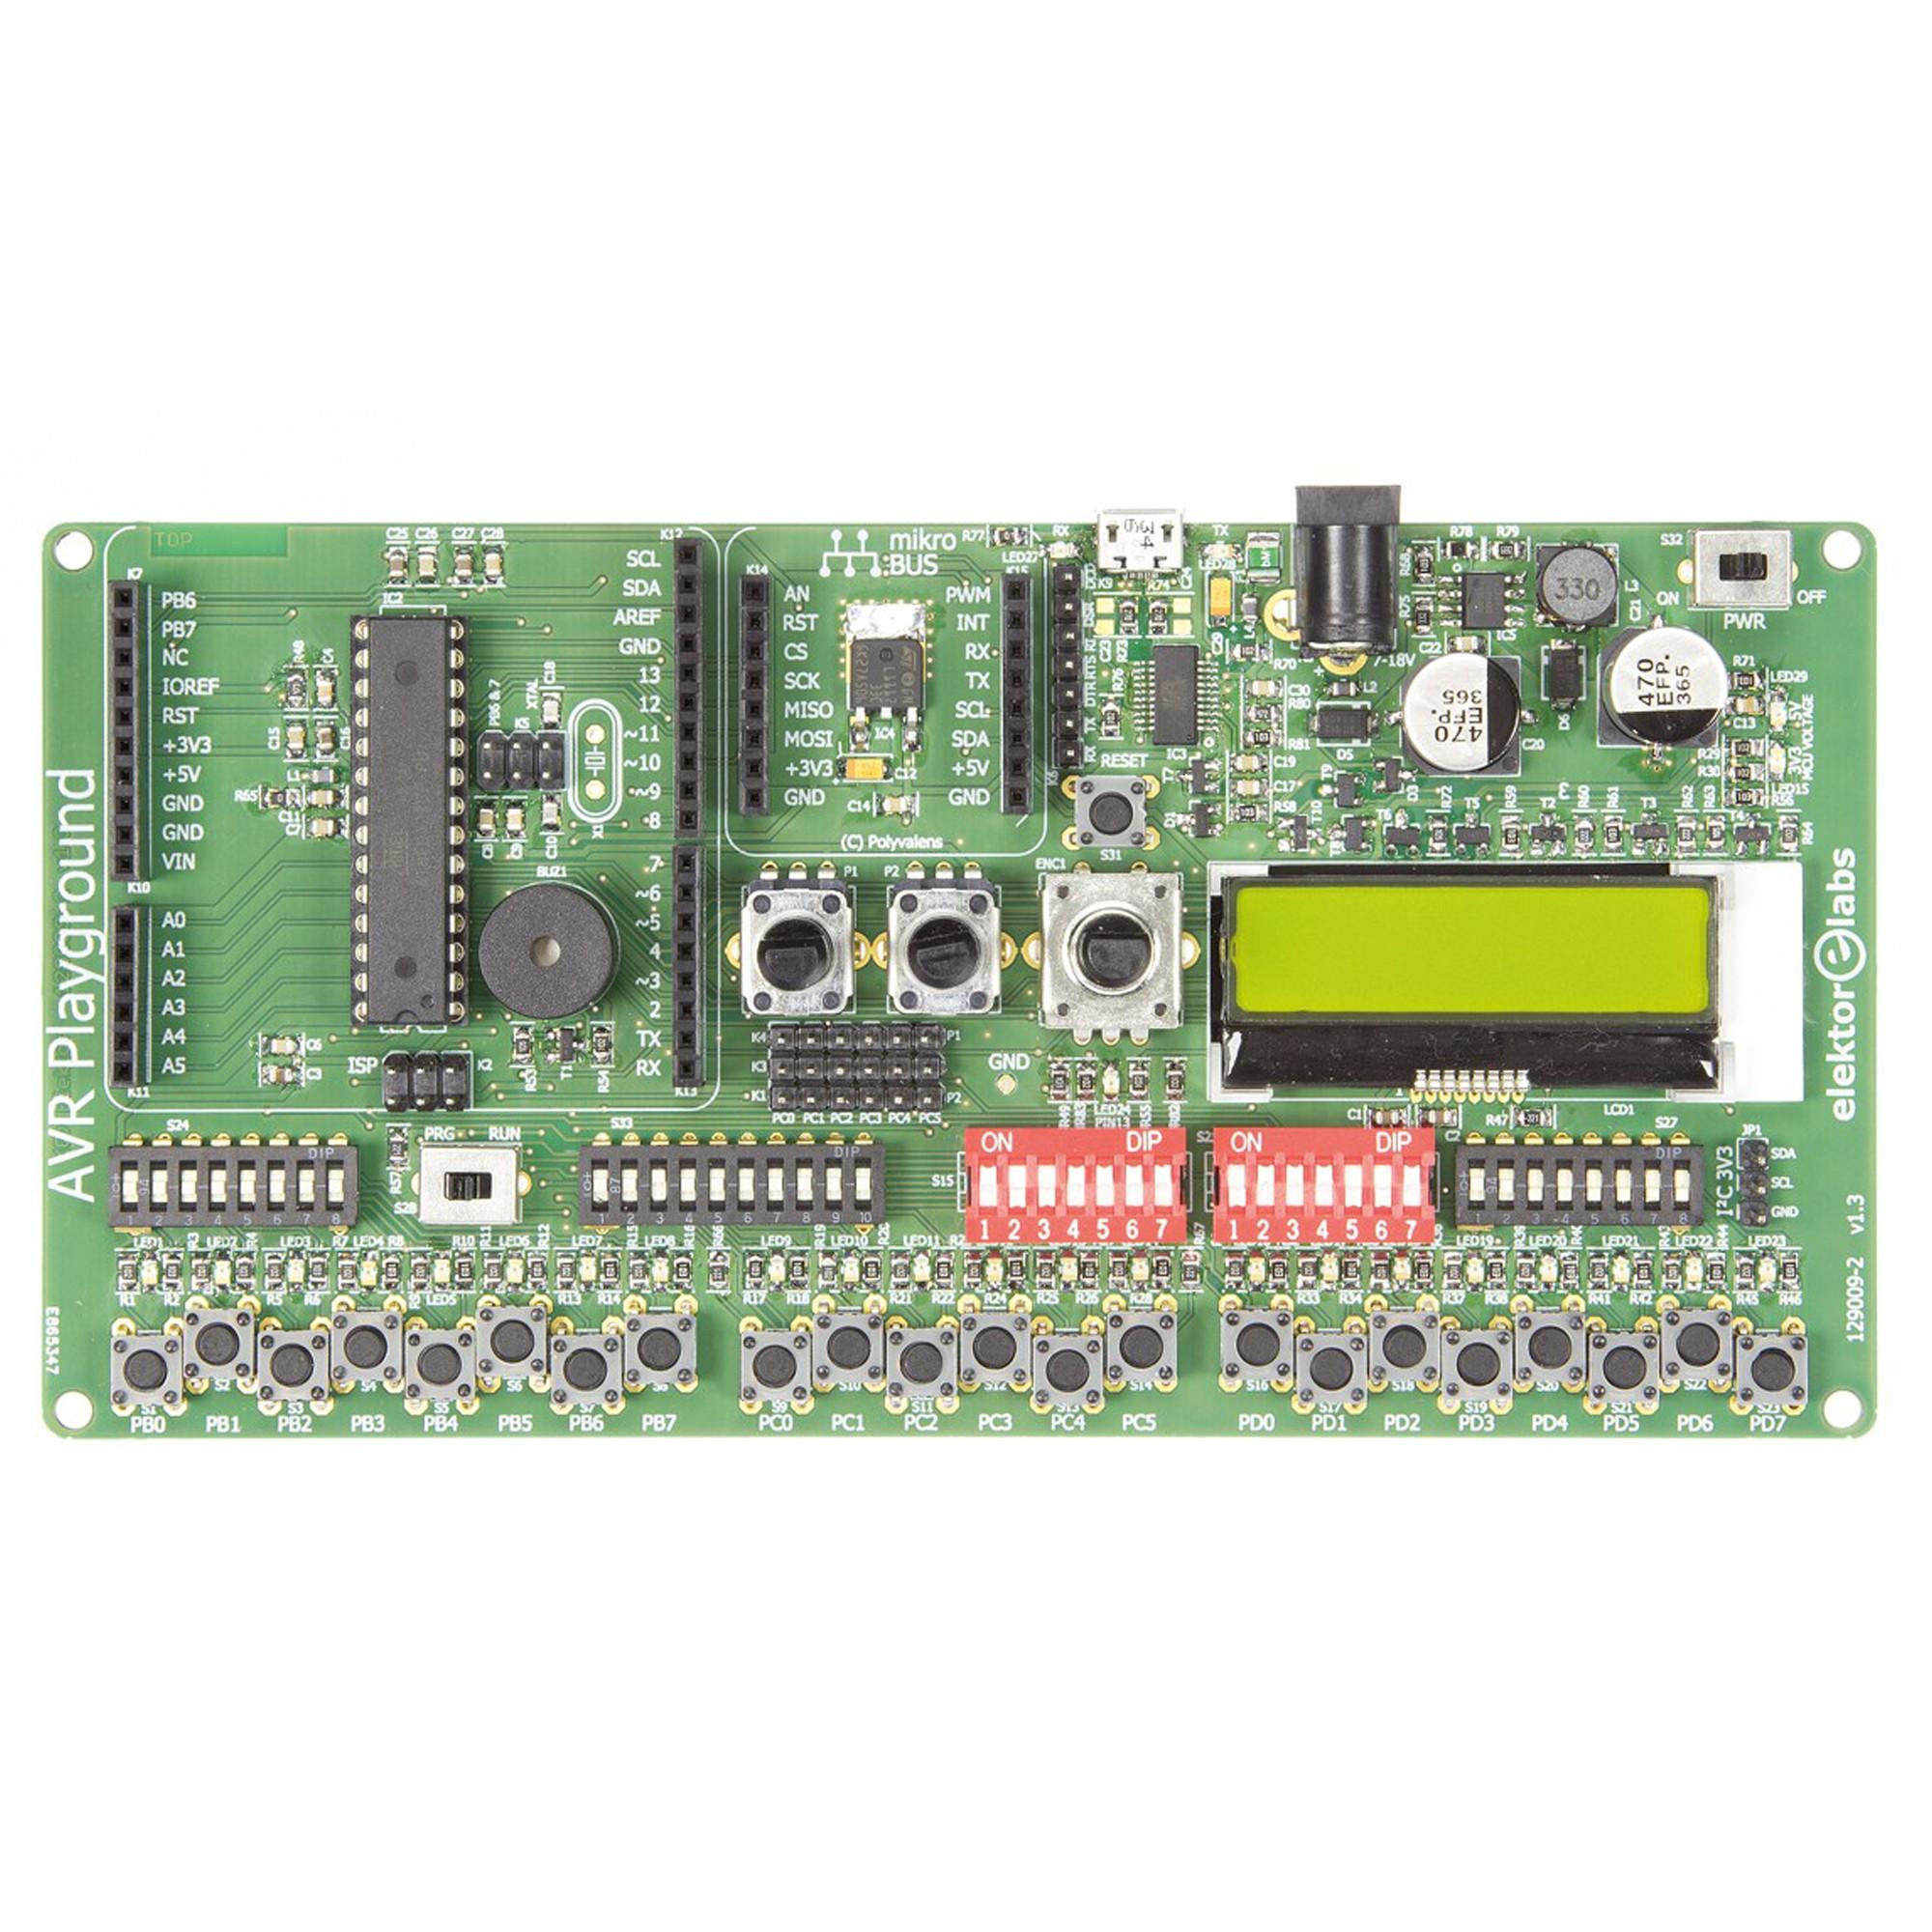 AVR playground - semi kit (129009-72)